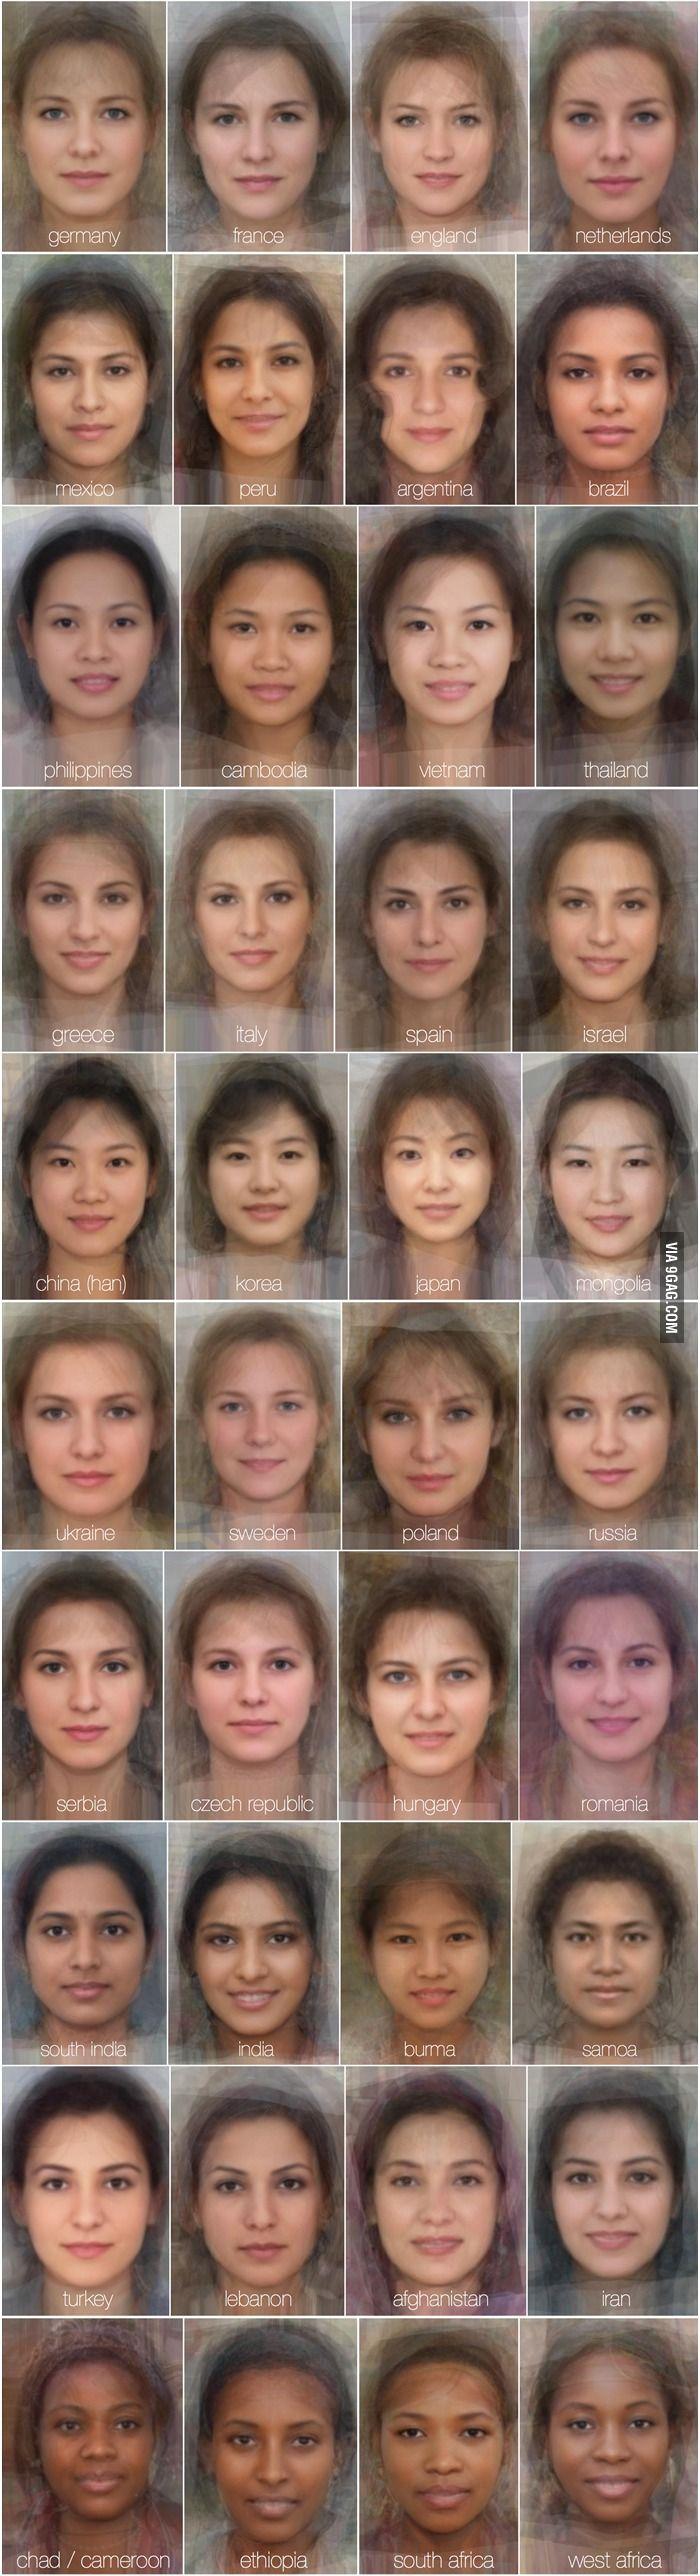 Découvrez le visage moyen des hommes et des femmes dans différents pays --  By Face Research